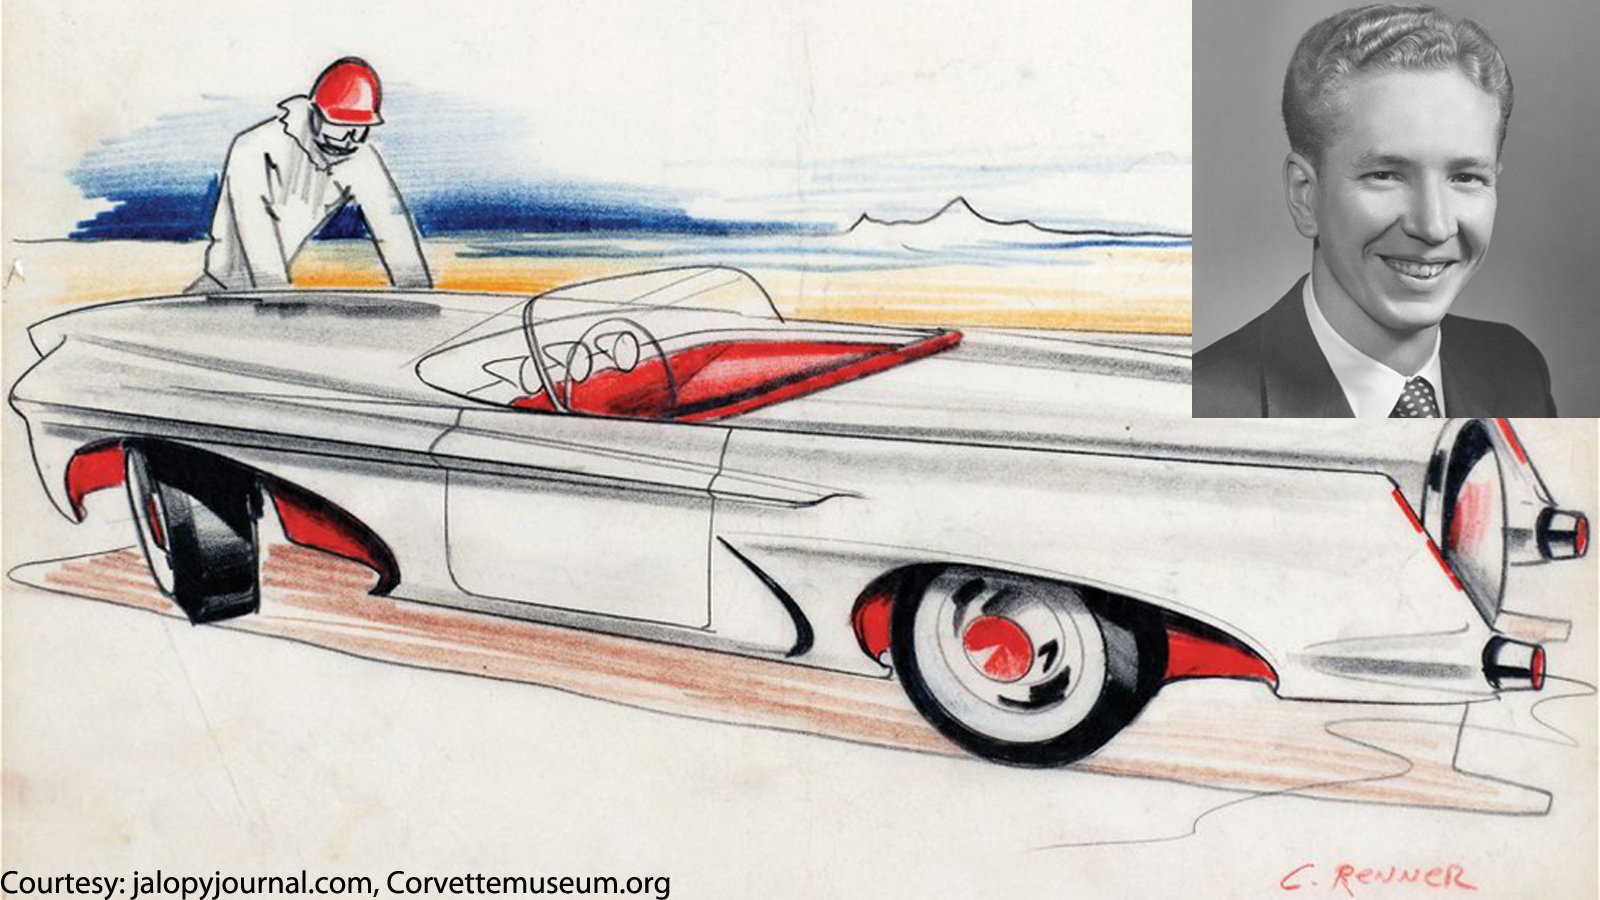 Designing The Corvette